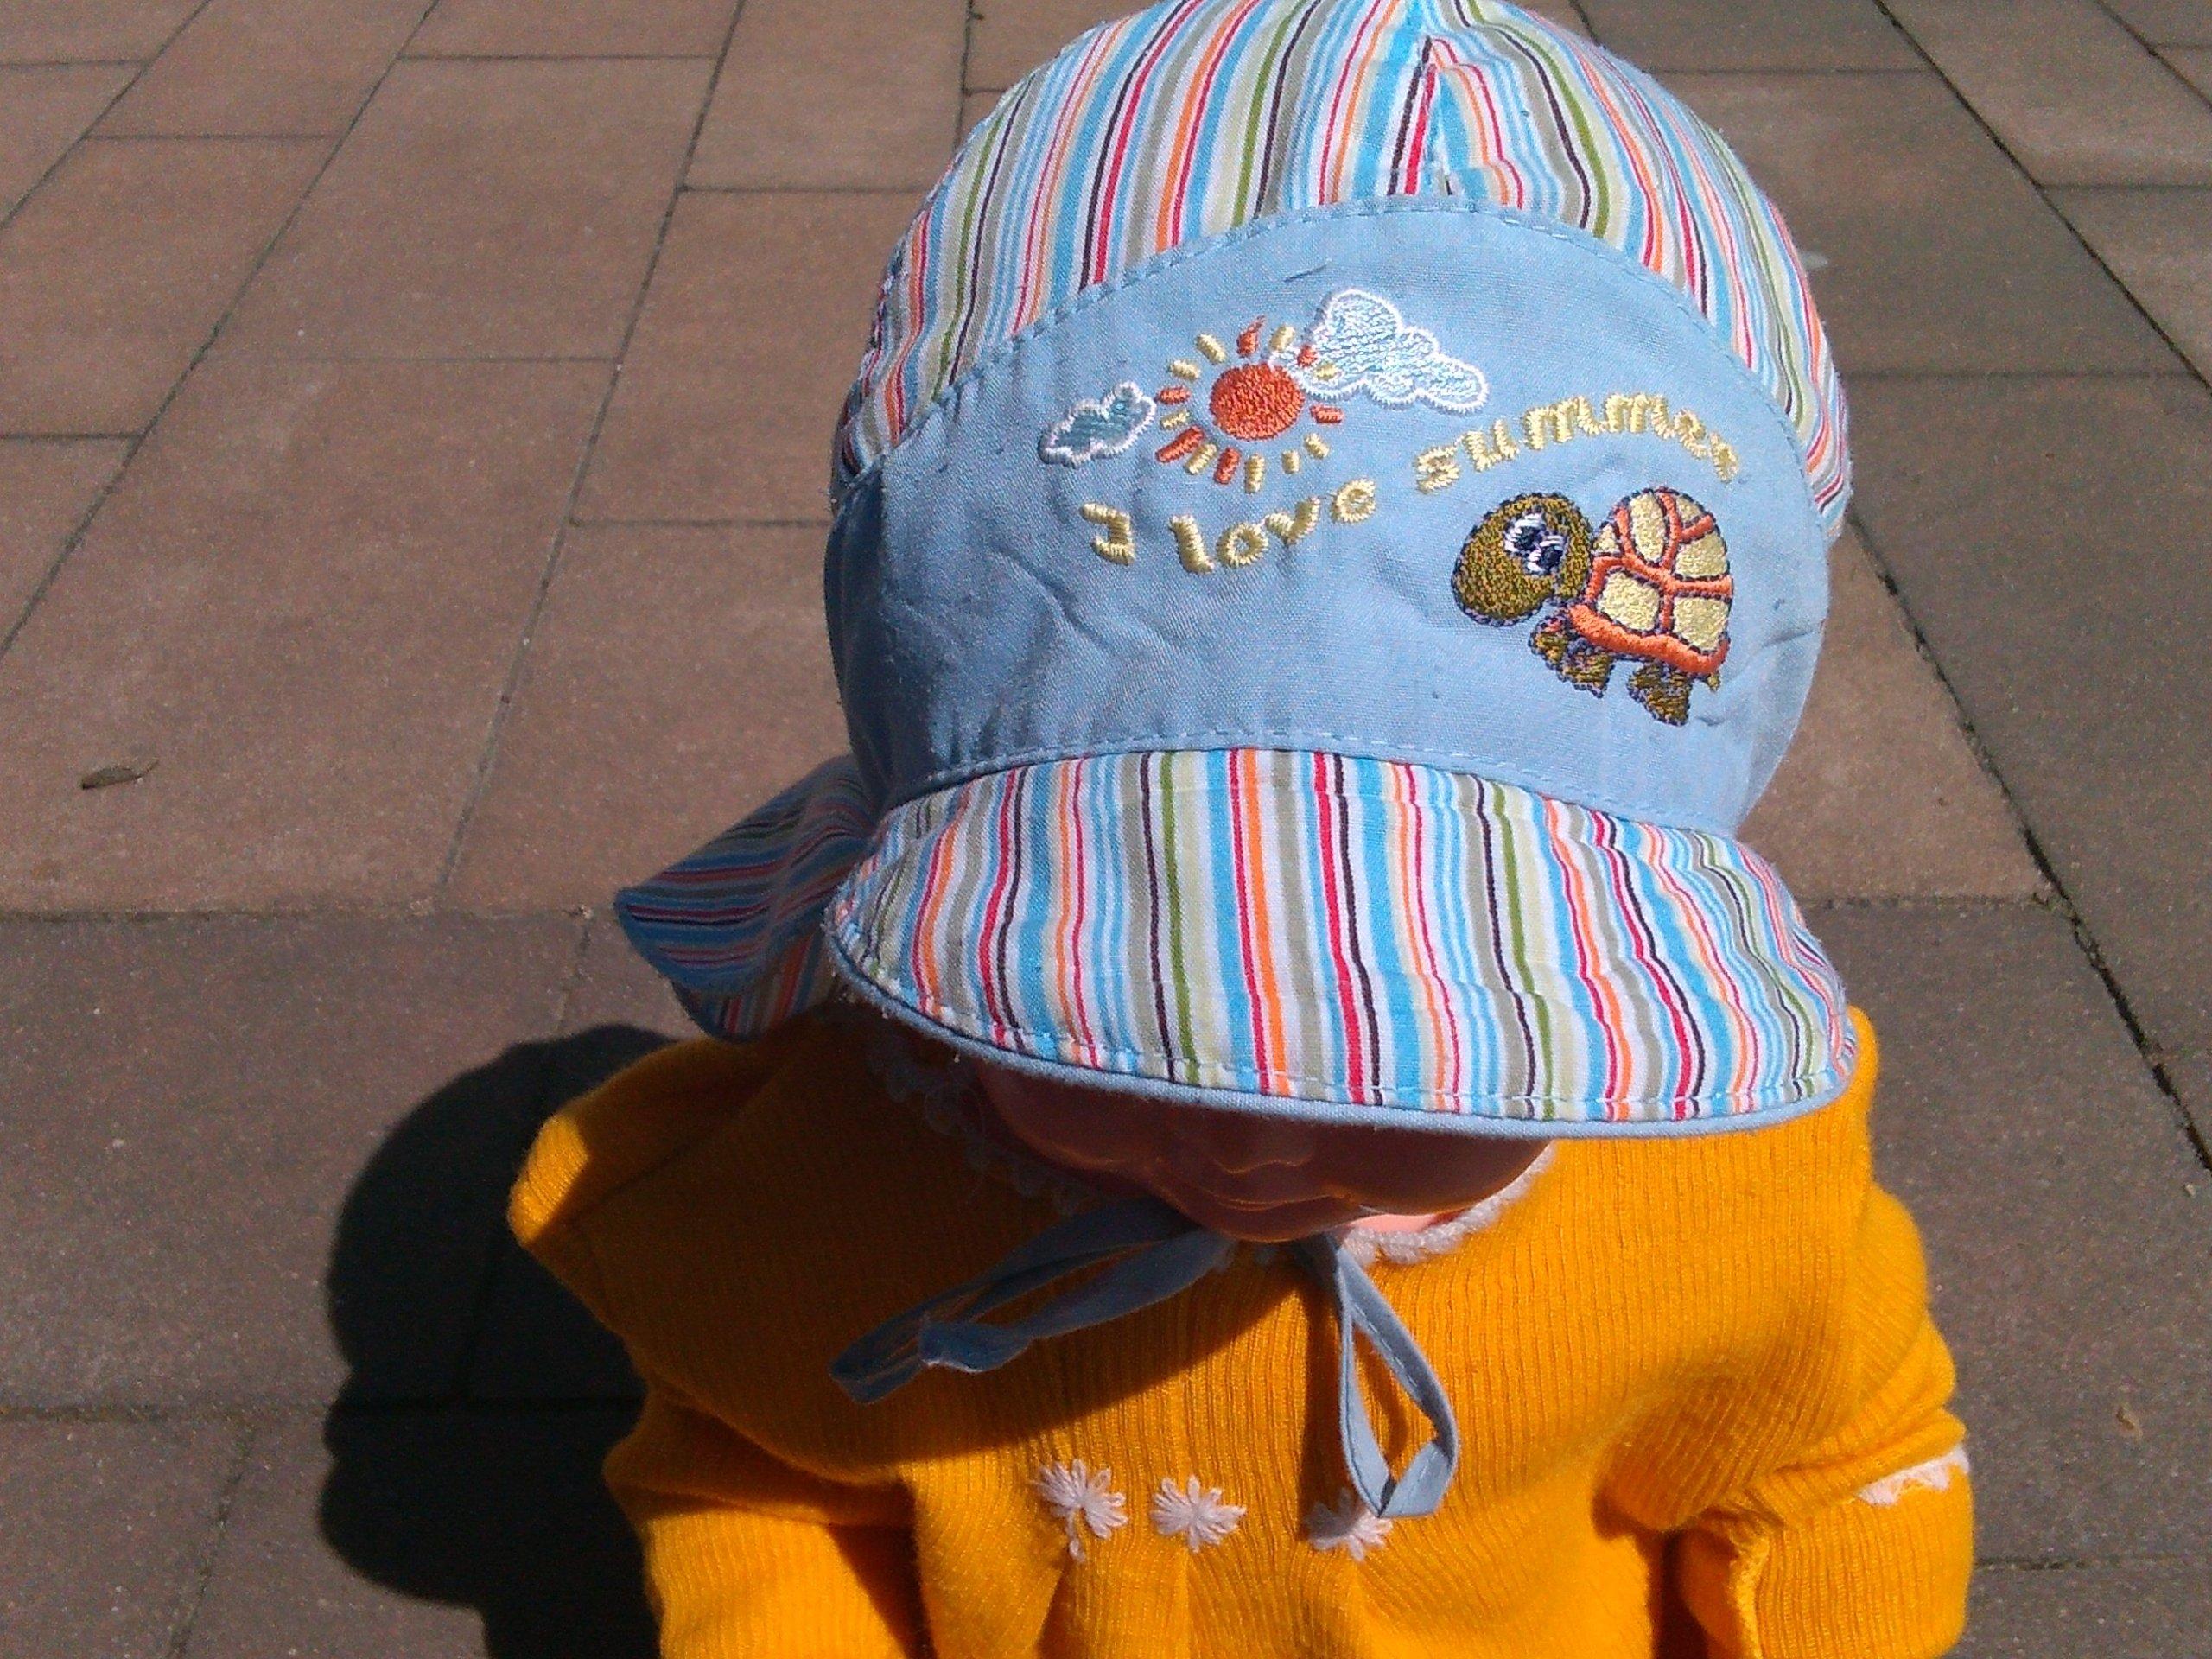 2282d3d78423bc czapka czapeczka dla chłopca 2 szt. rozm. 48 - 7352625542 ...